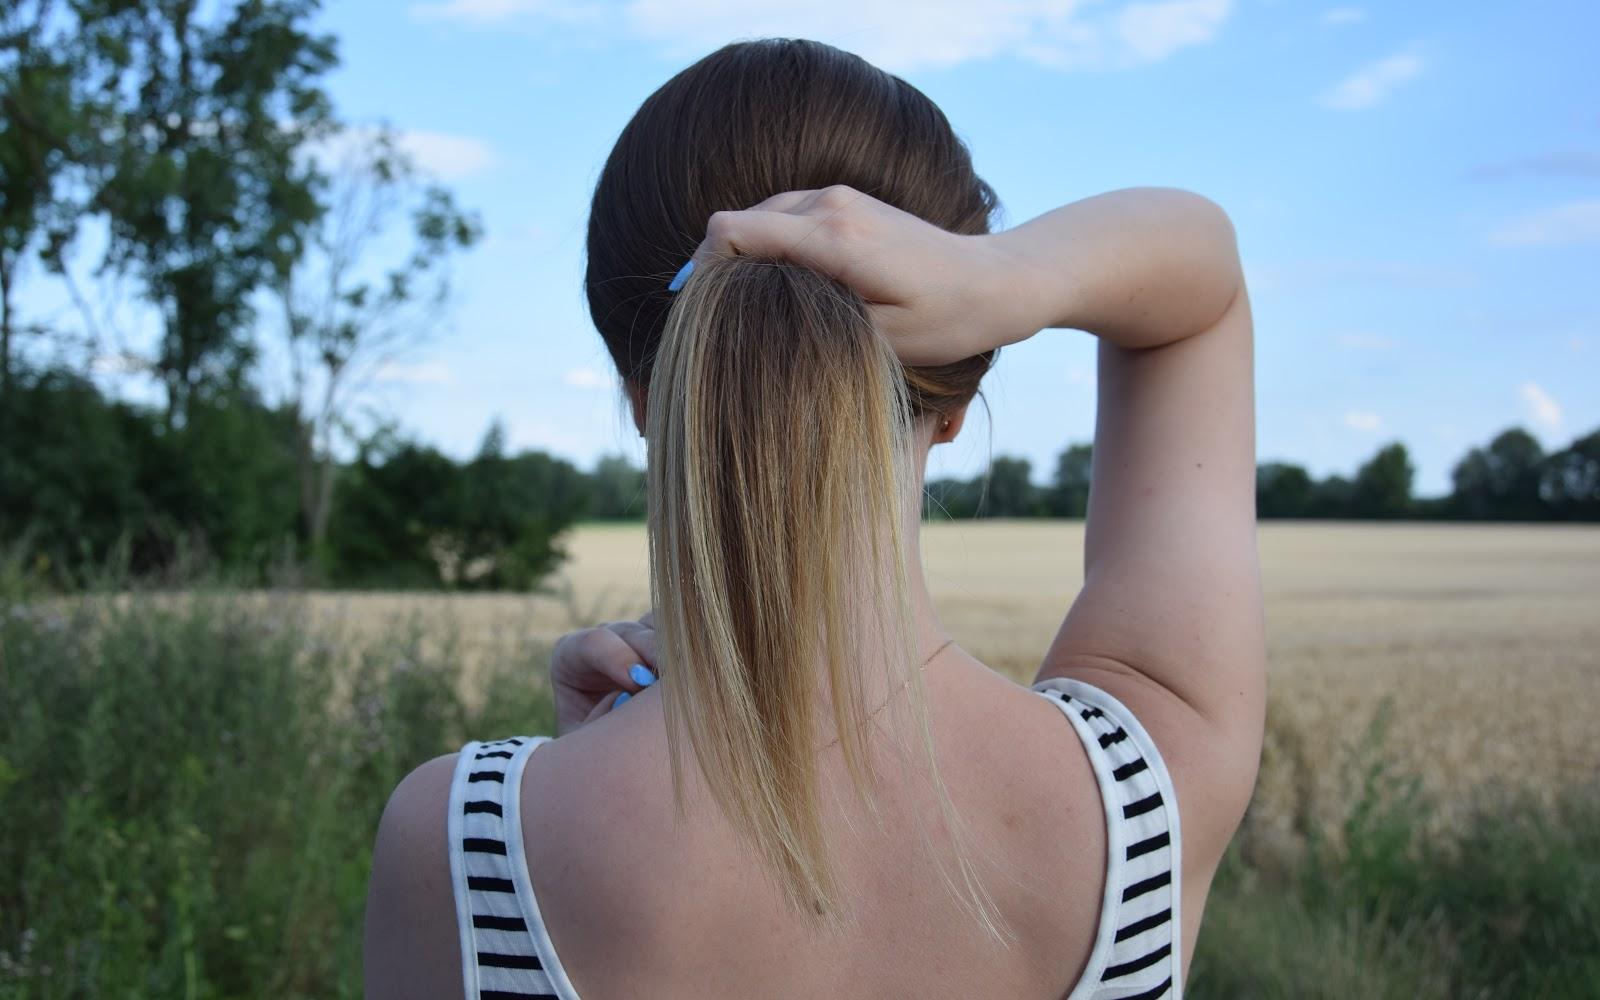 Biorekonstrukcja włosa Vitaker: moje wrażenia po 6 tygodniach.